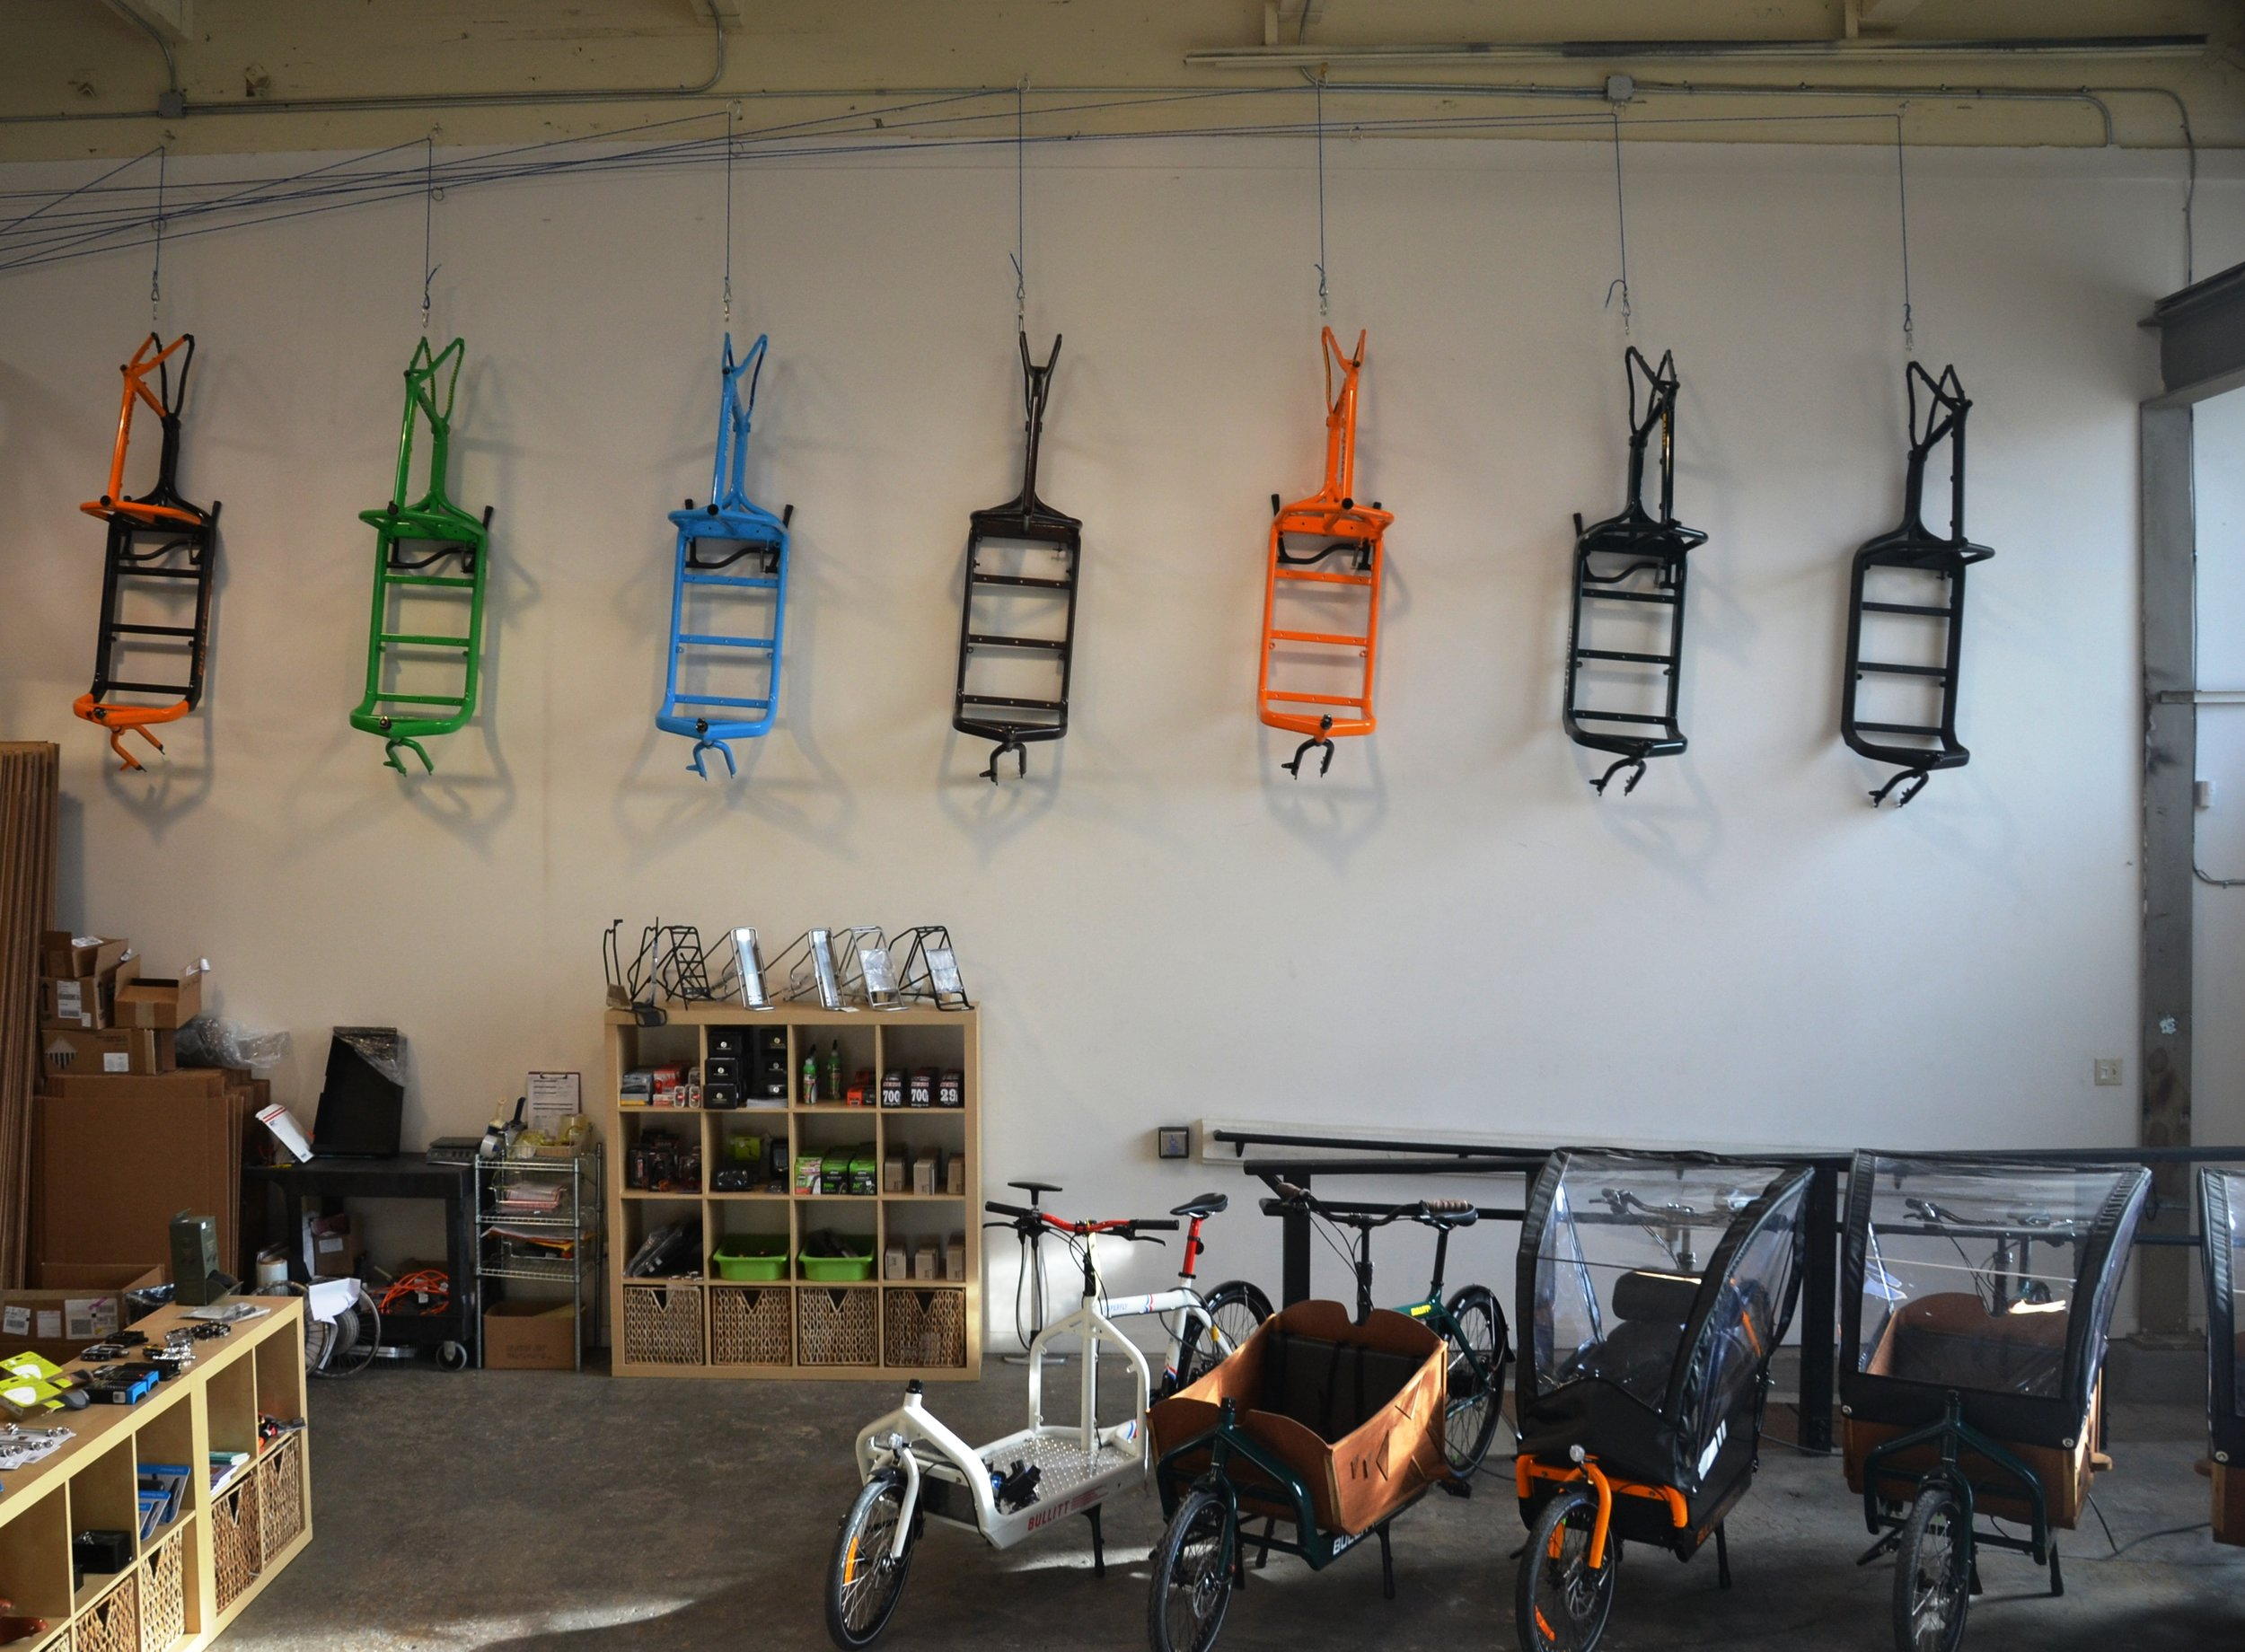 new shop 014a.jpg